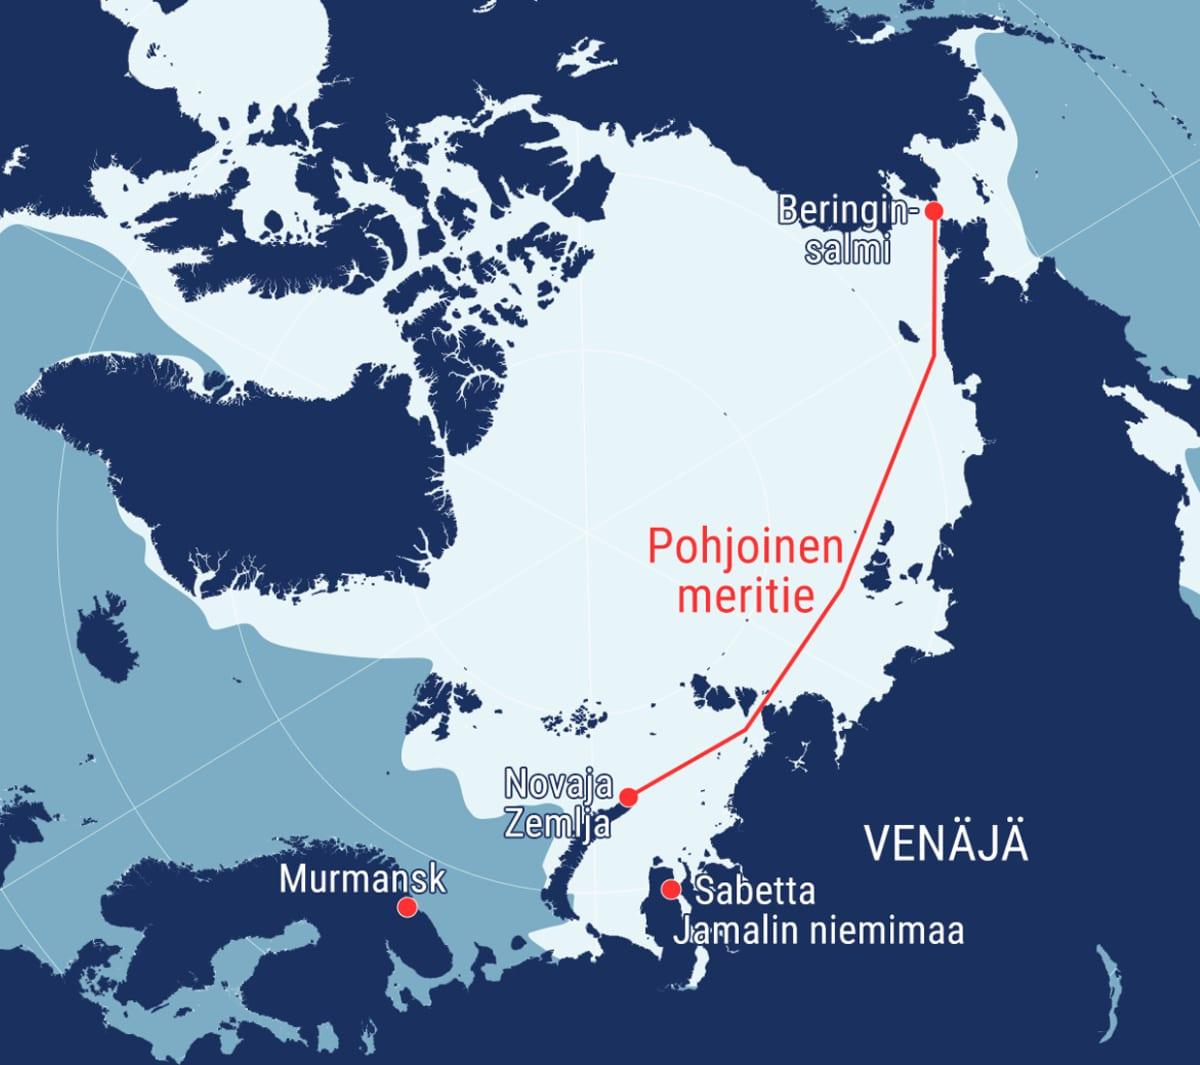 Jäätilanne ja Pohjoinen meritie kartalla Pohjoisella napa-alueella.